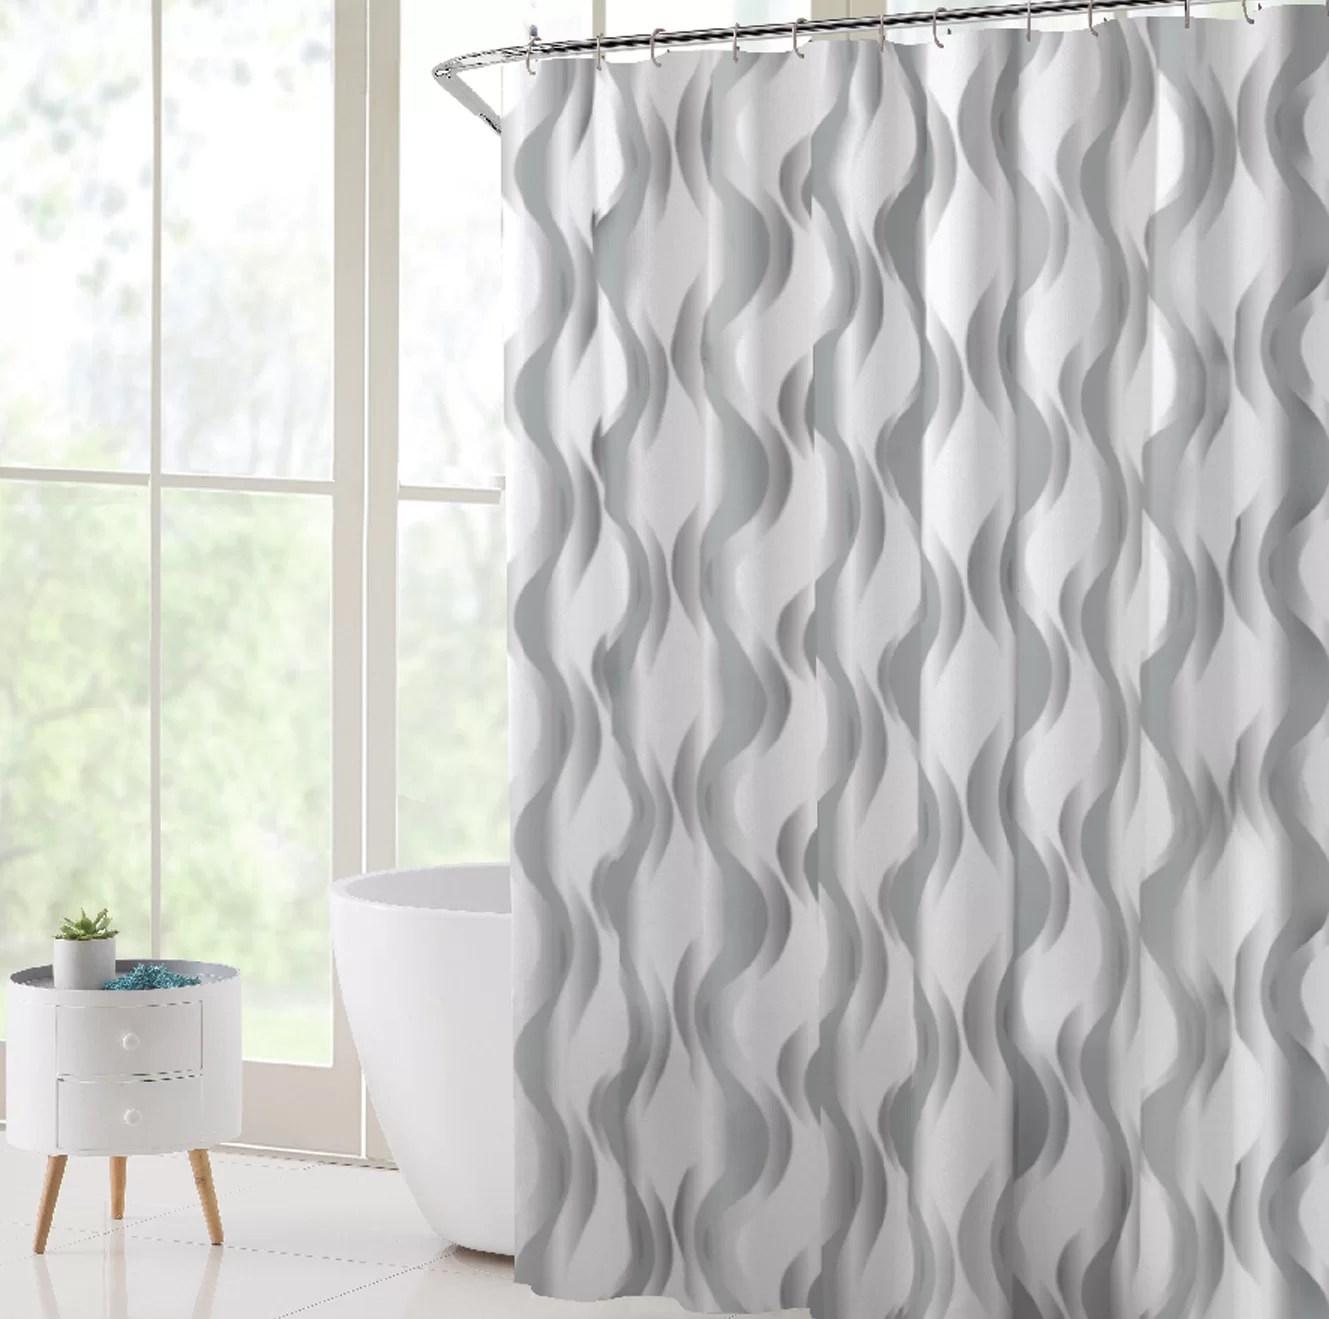 gungnir vinyl abstract shower curtain liner